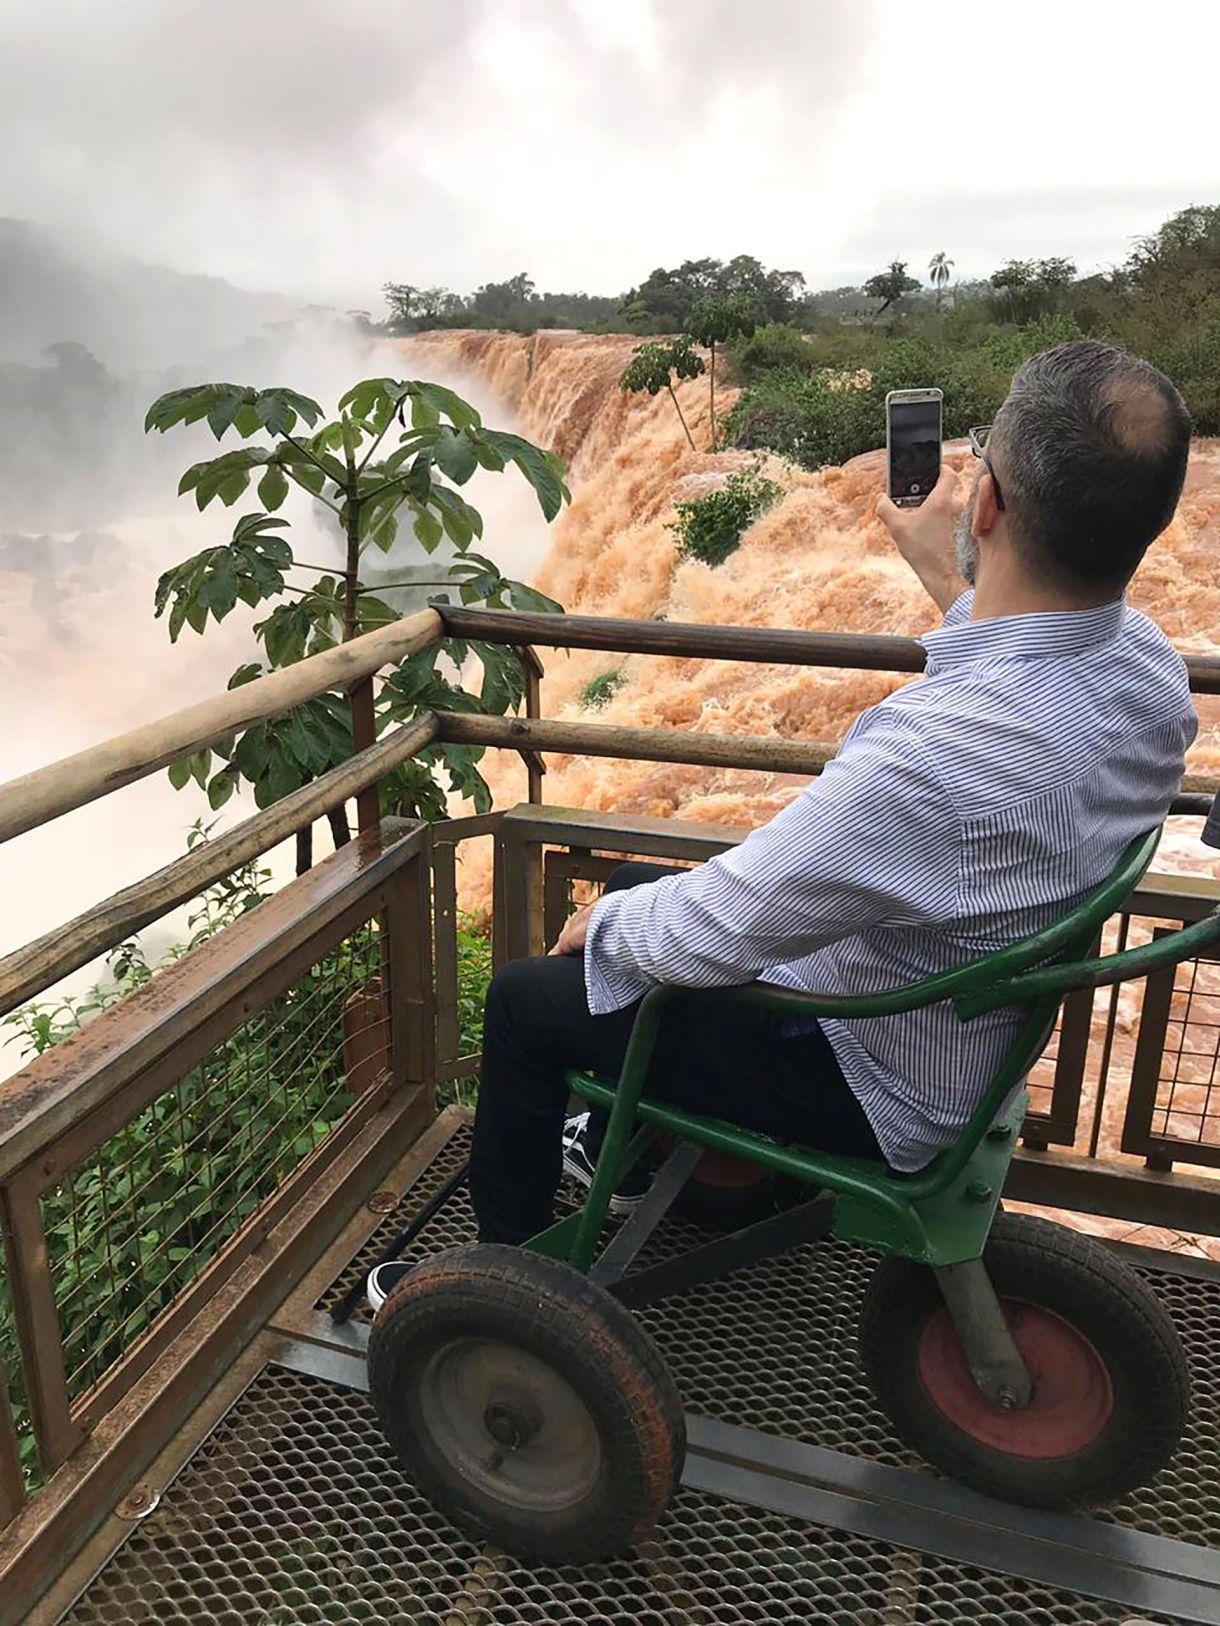 El Parque Iguazú se puede disfrutar y recorrer prácticamente en un 90% con condiciones de accesibilidad para todas las discapacidades